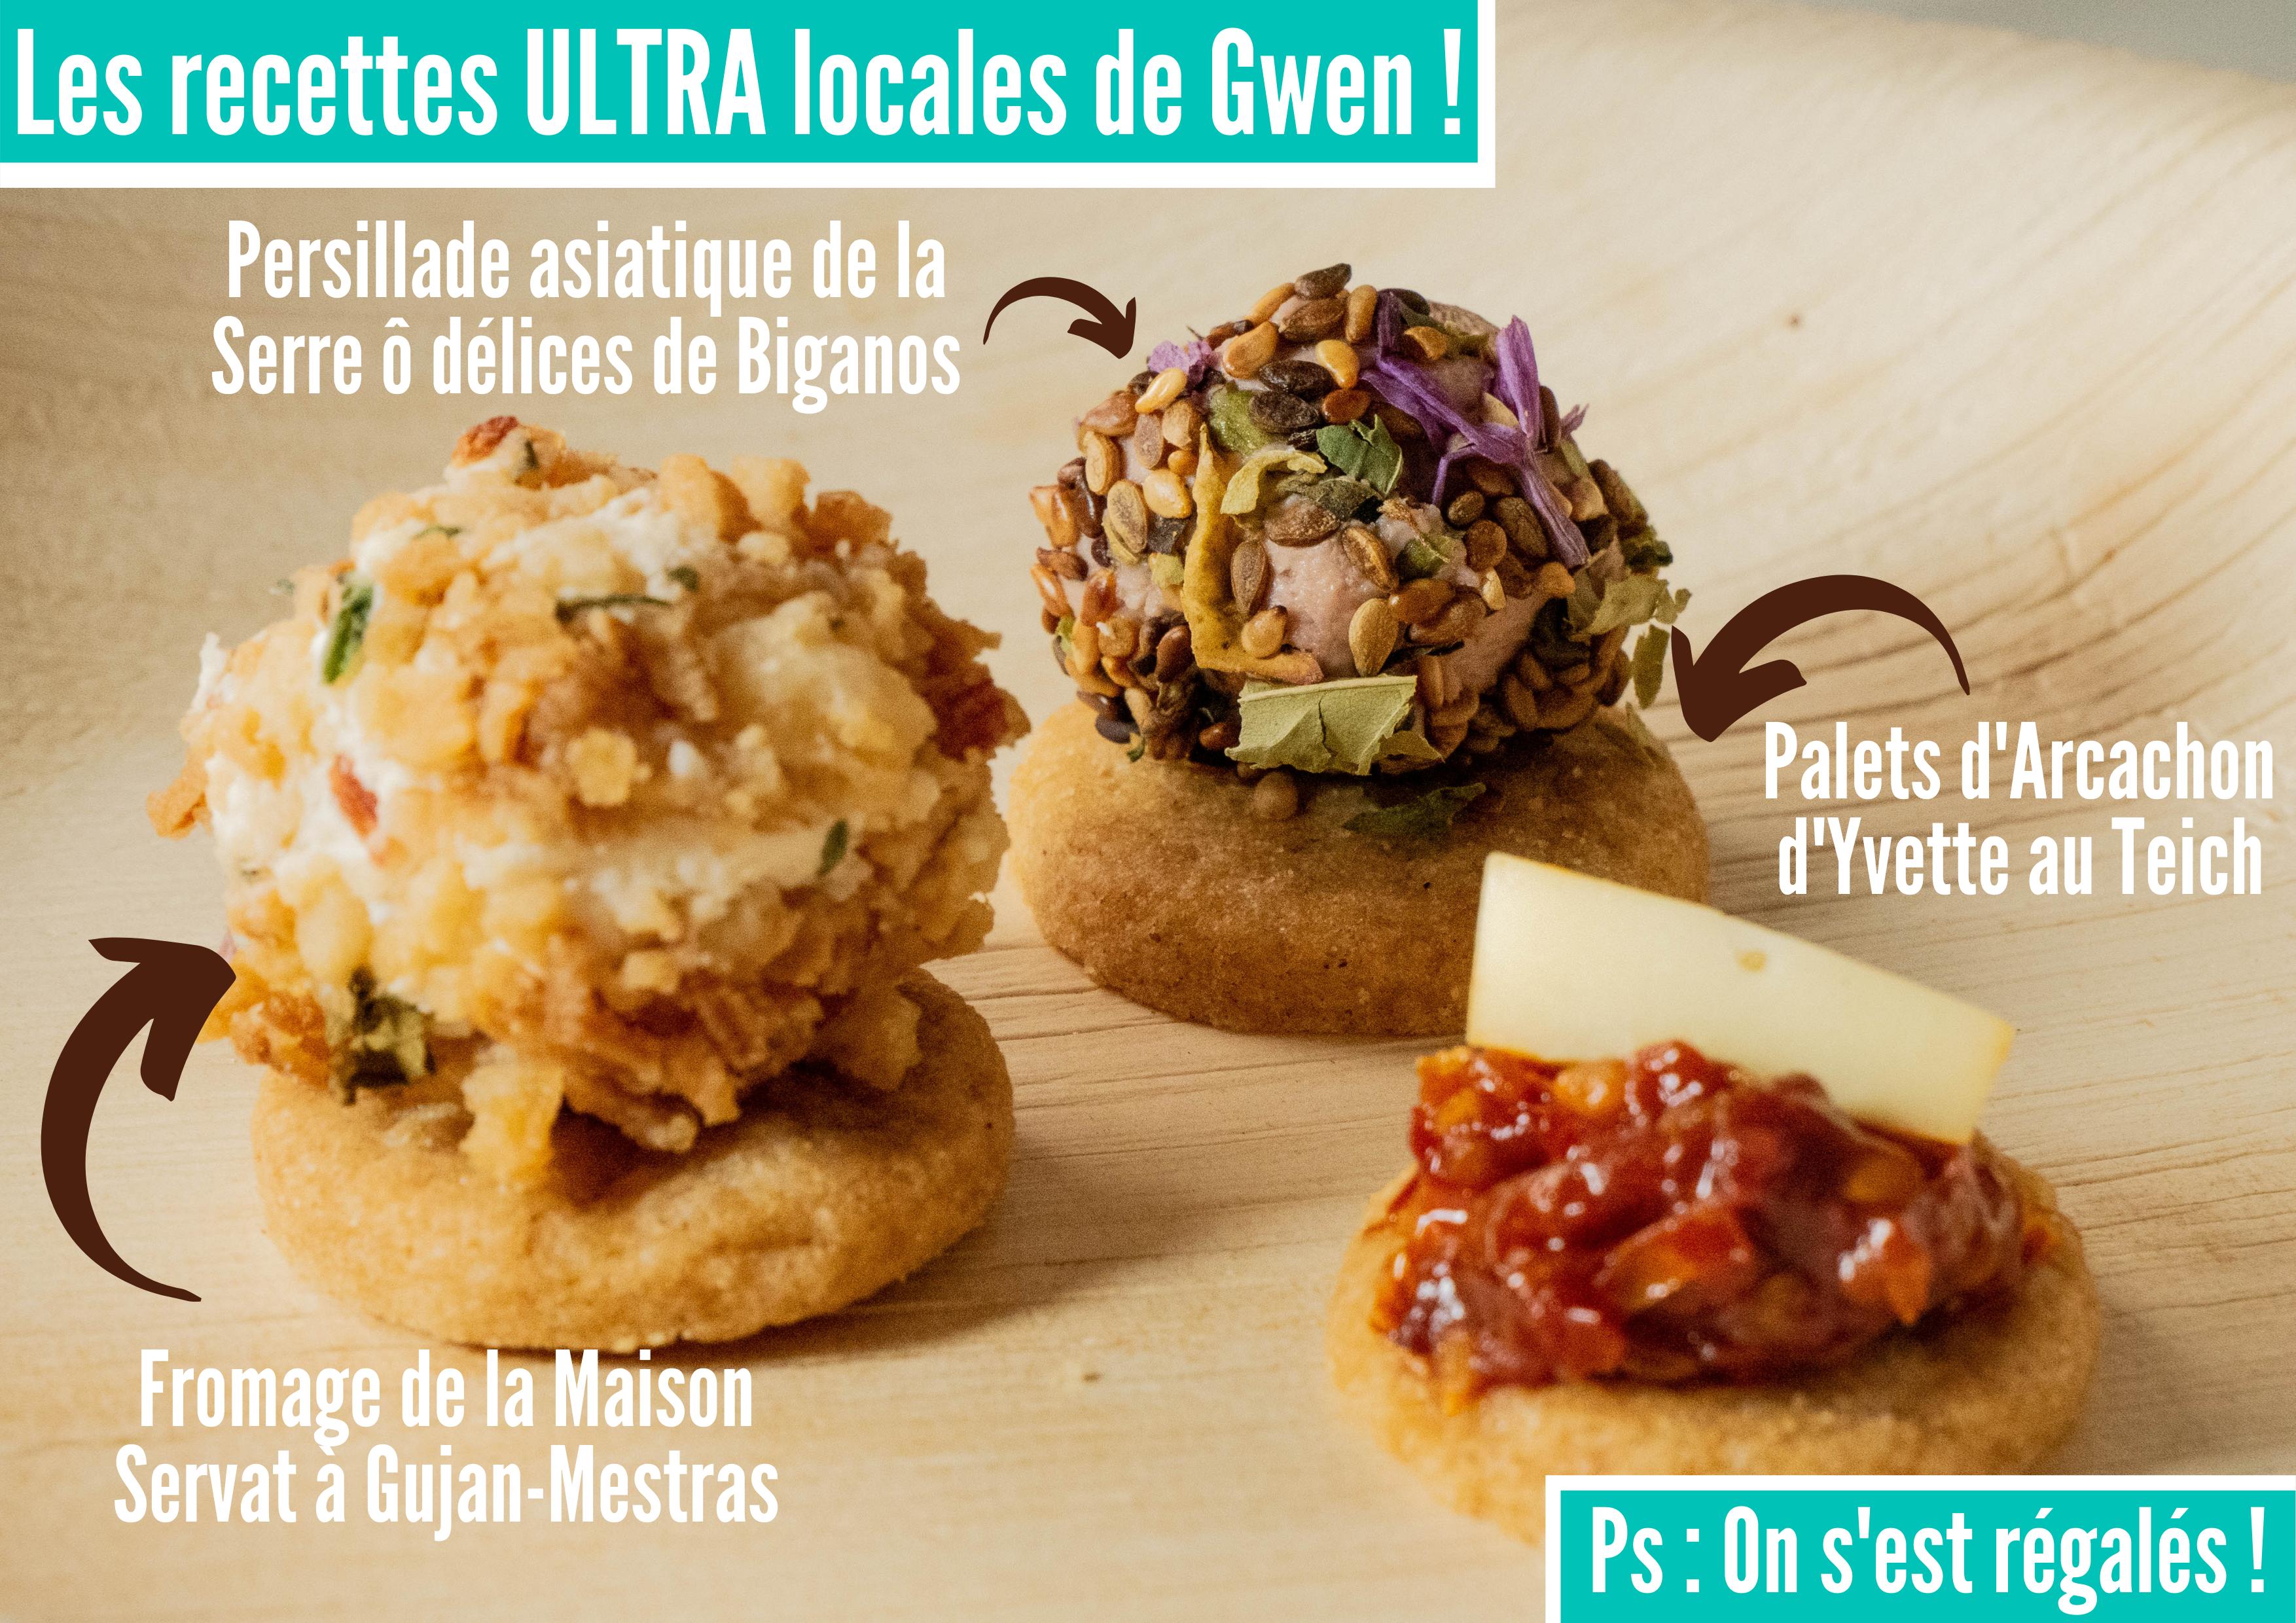 Les recettes ULTRA locales de Gwen •  serre o delices